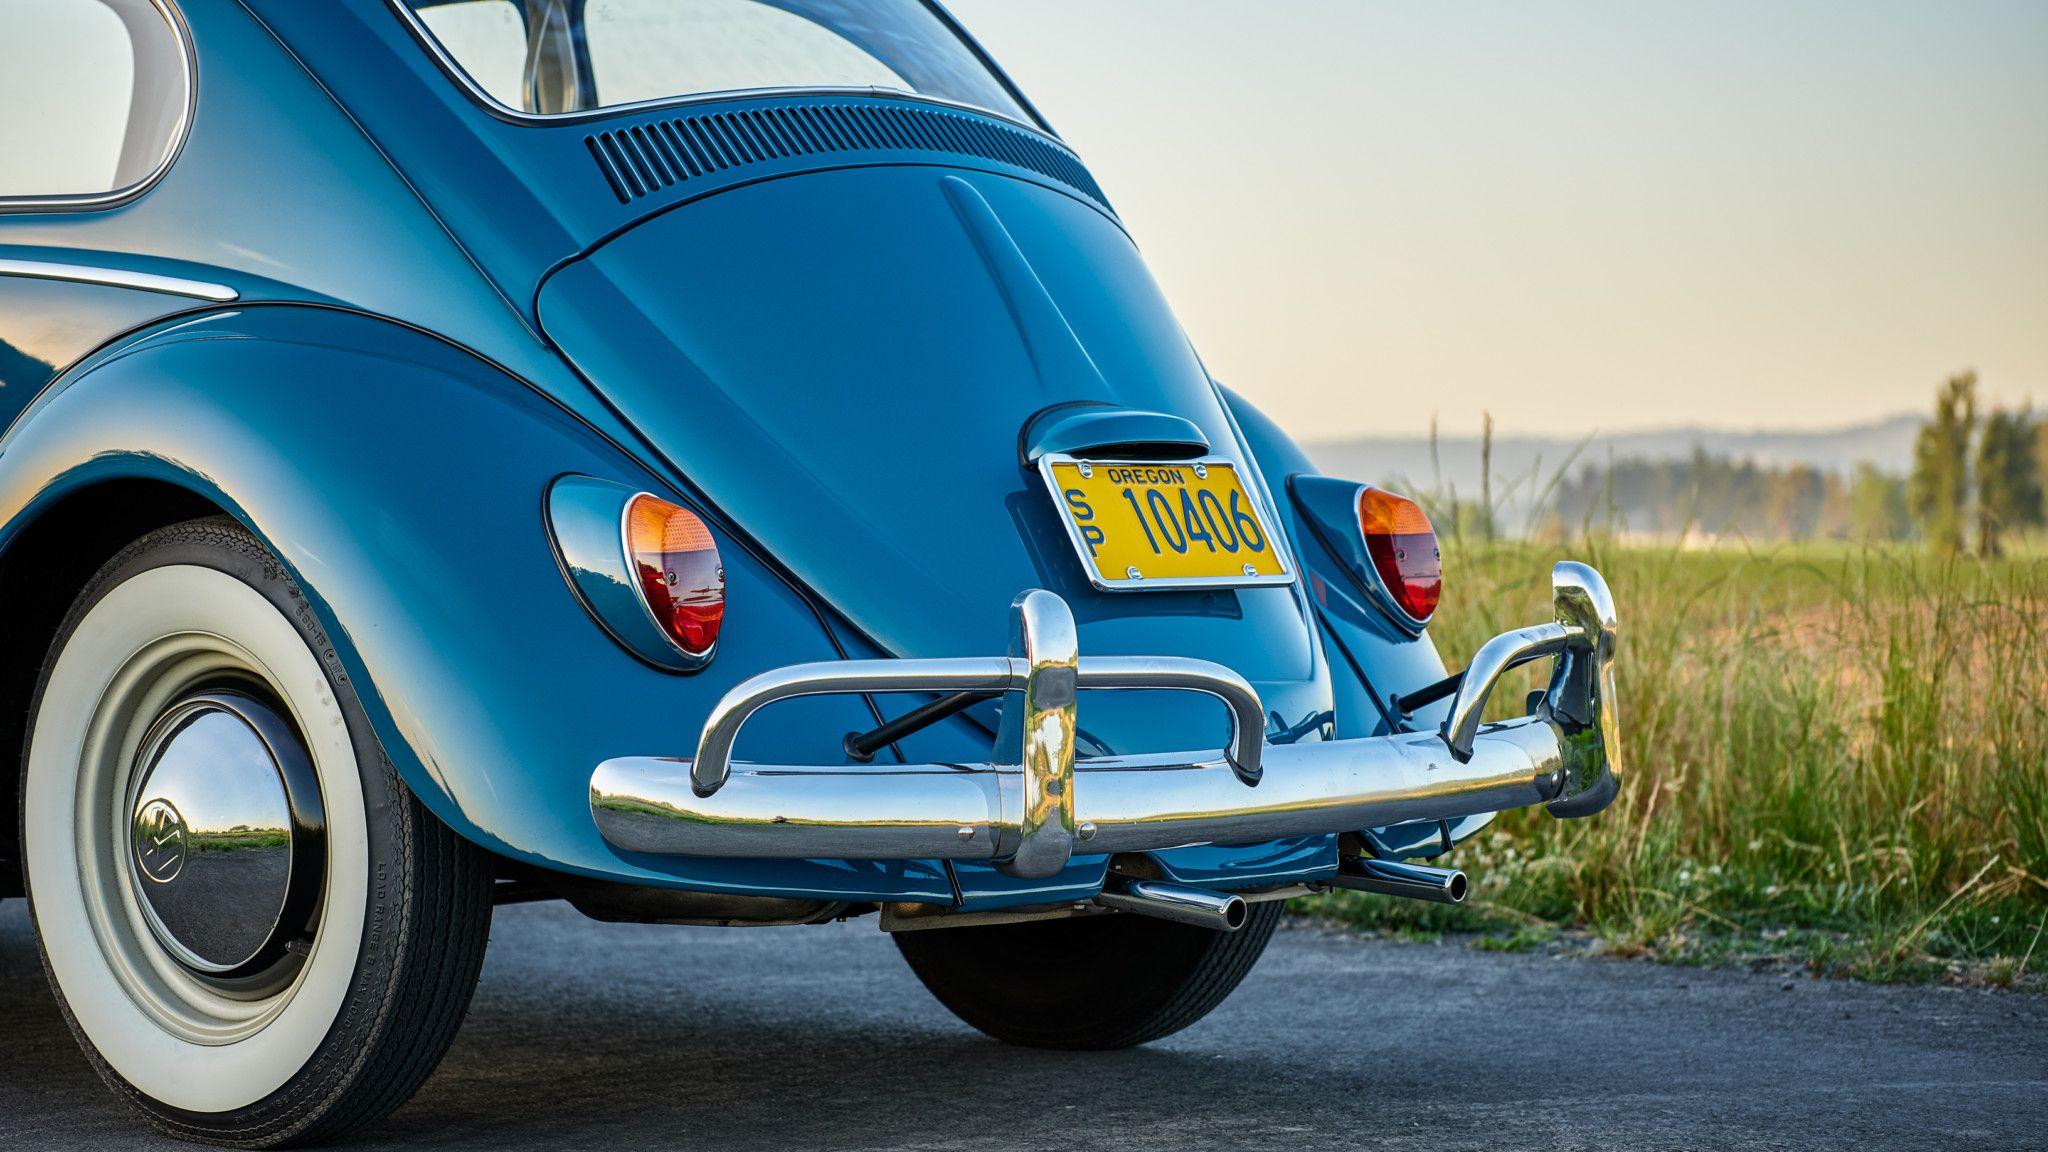 1965 Volkswagen Beetle W Sunroof Volkswagen Beetle Volkswagen Beetle Vintage Volkswagen